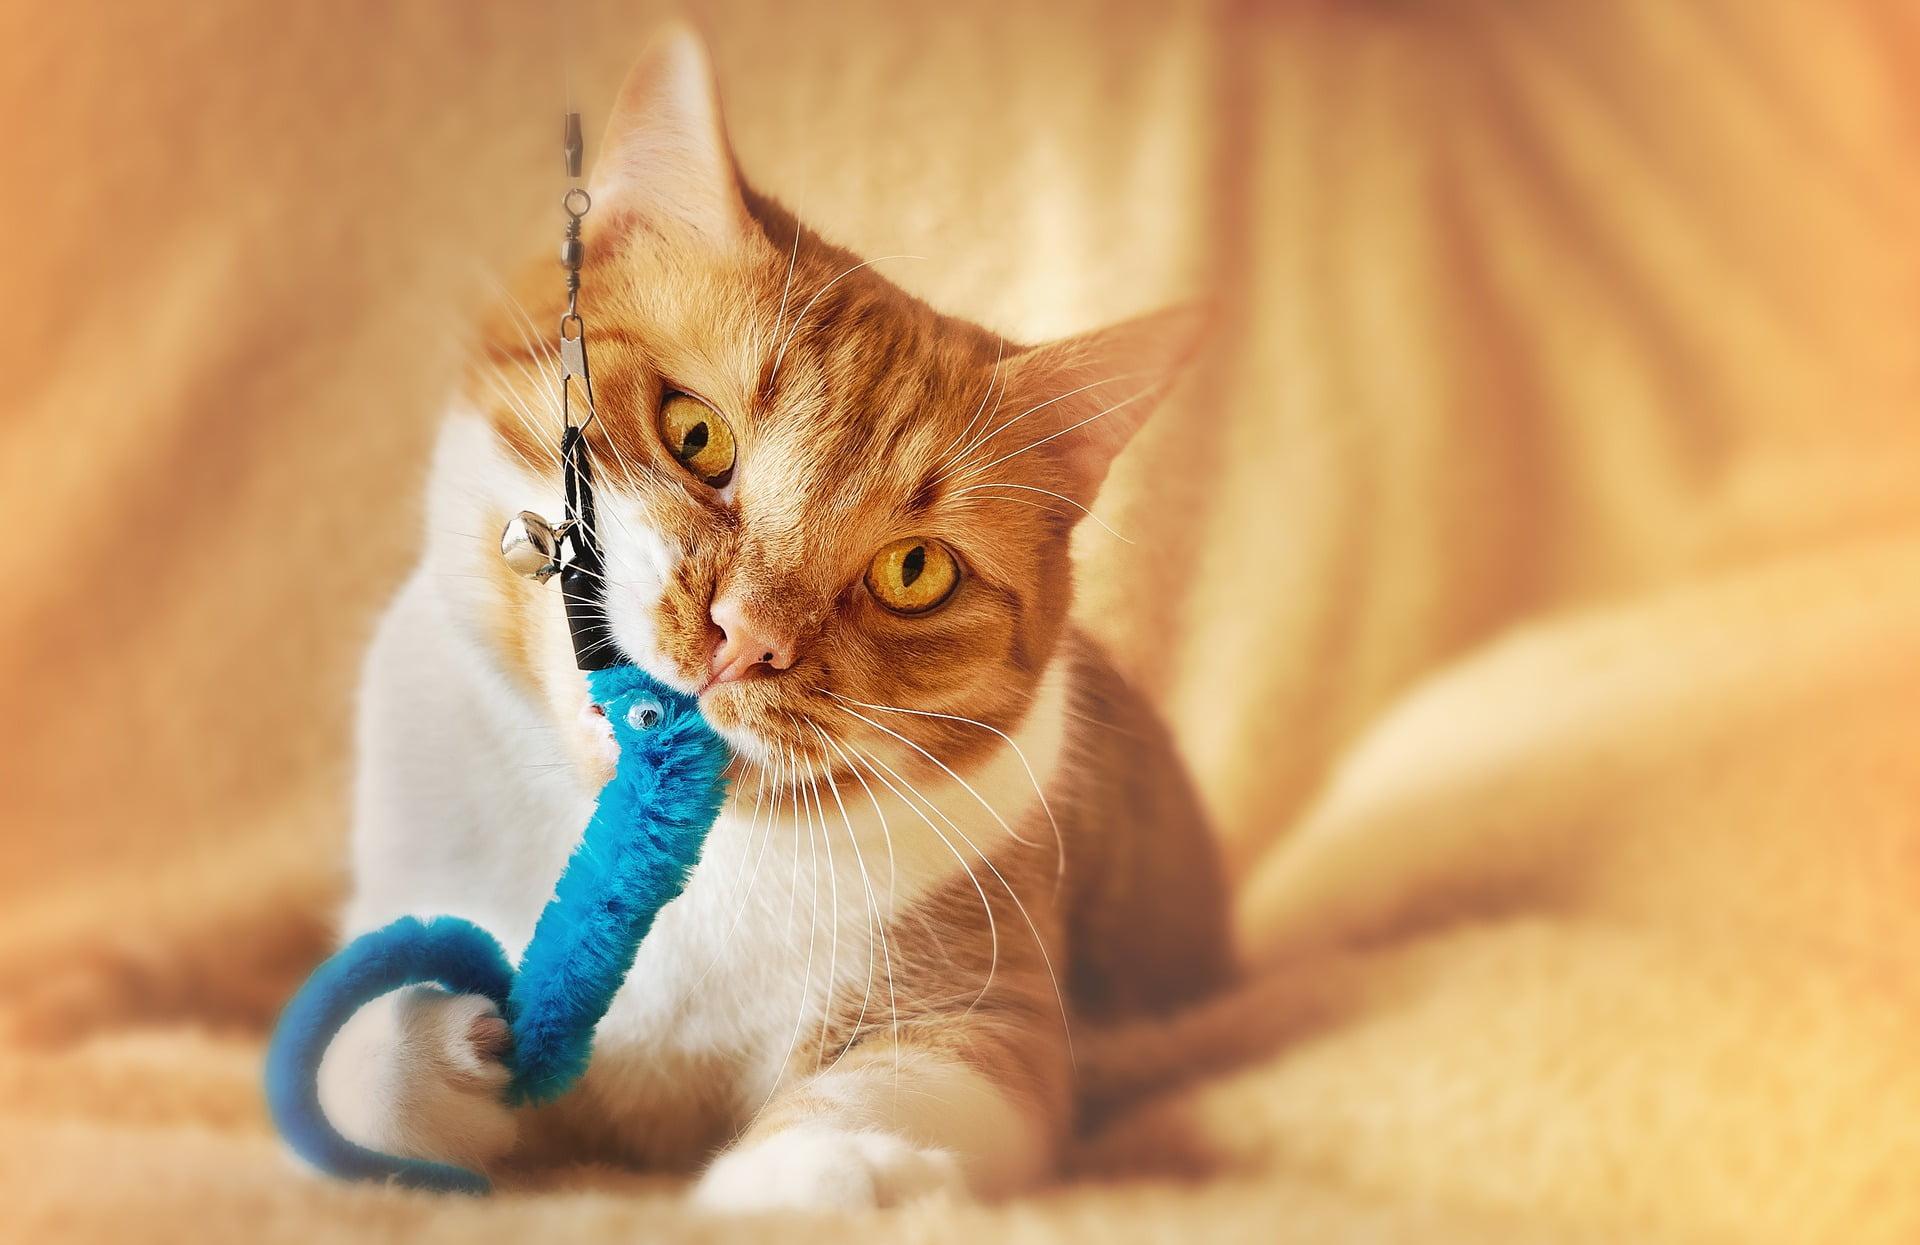 9 kattleksaker som får din katt att gå bananas 2020